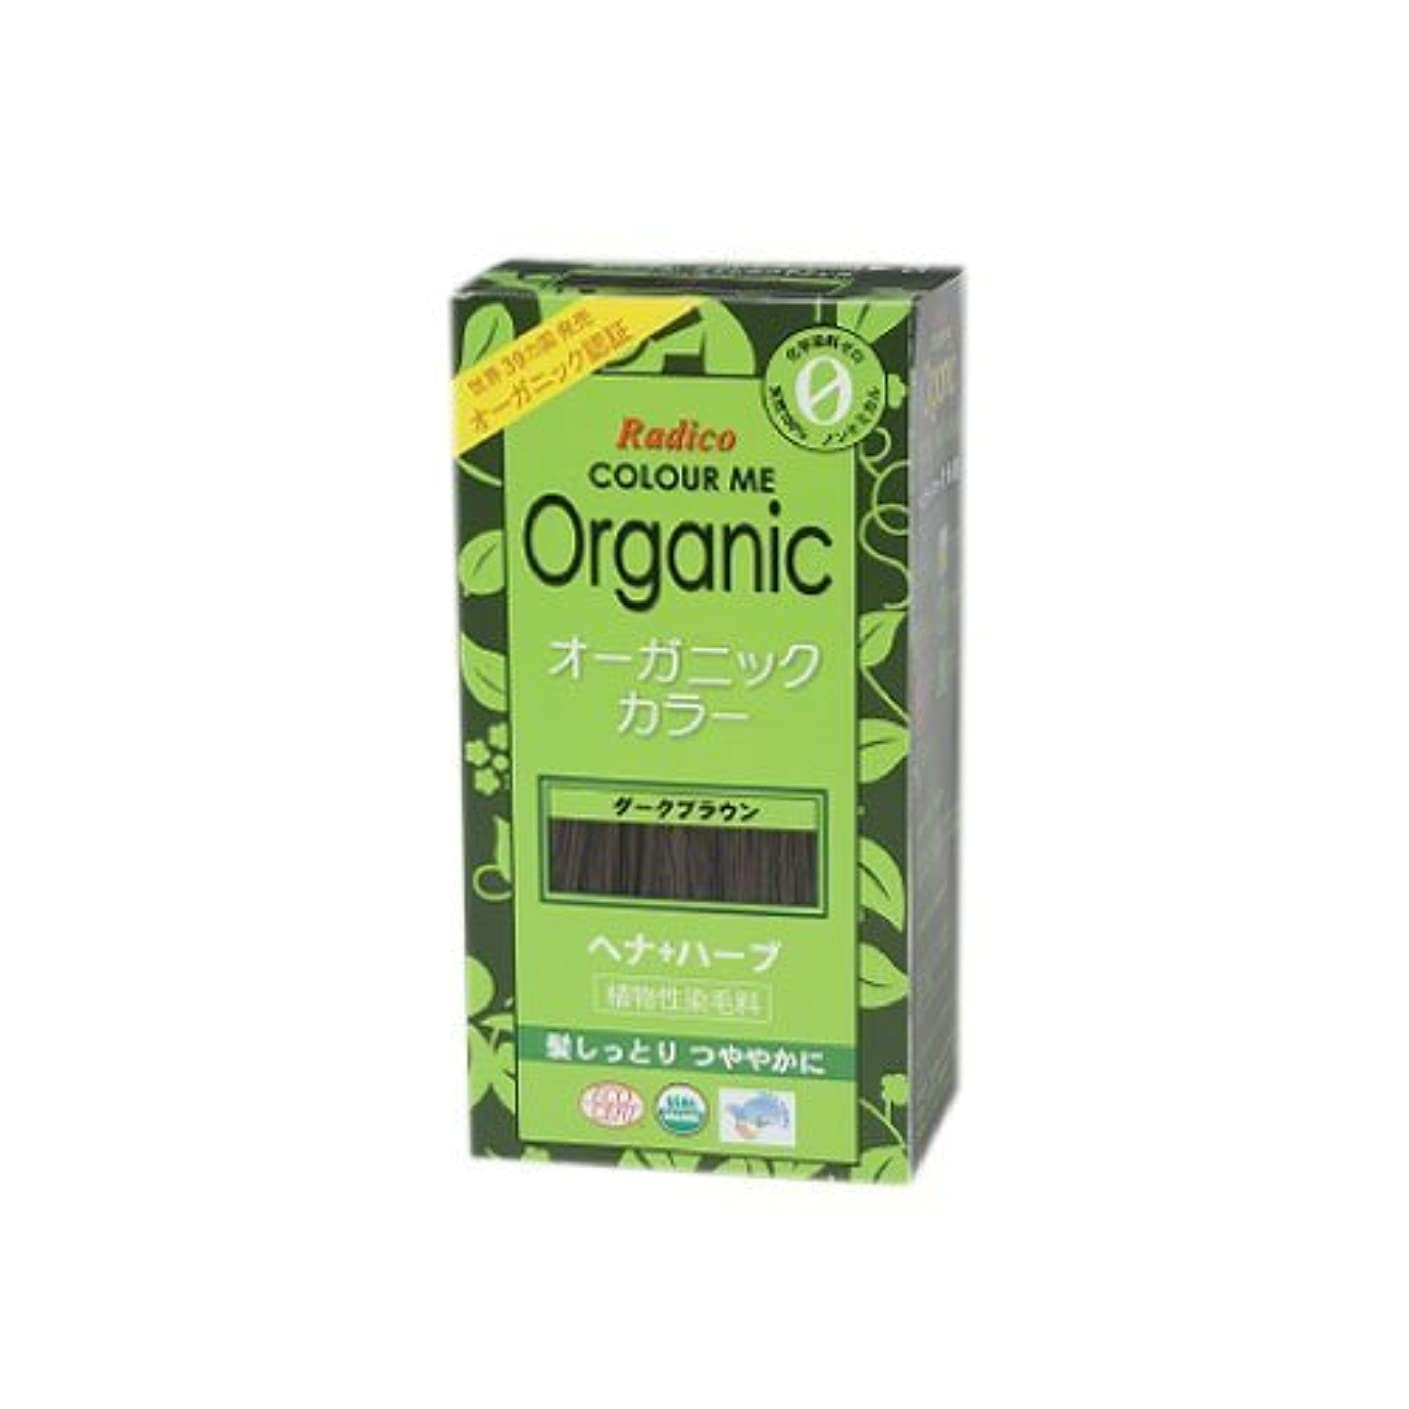 ボール成分秘書COLOURME Organic (カラーミーオーガニック ヘナ 白髪用) ダークブラウン 100g